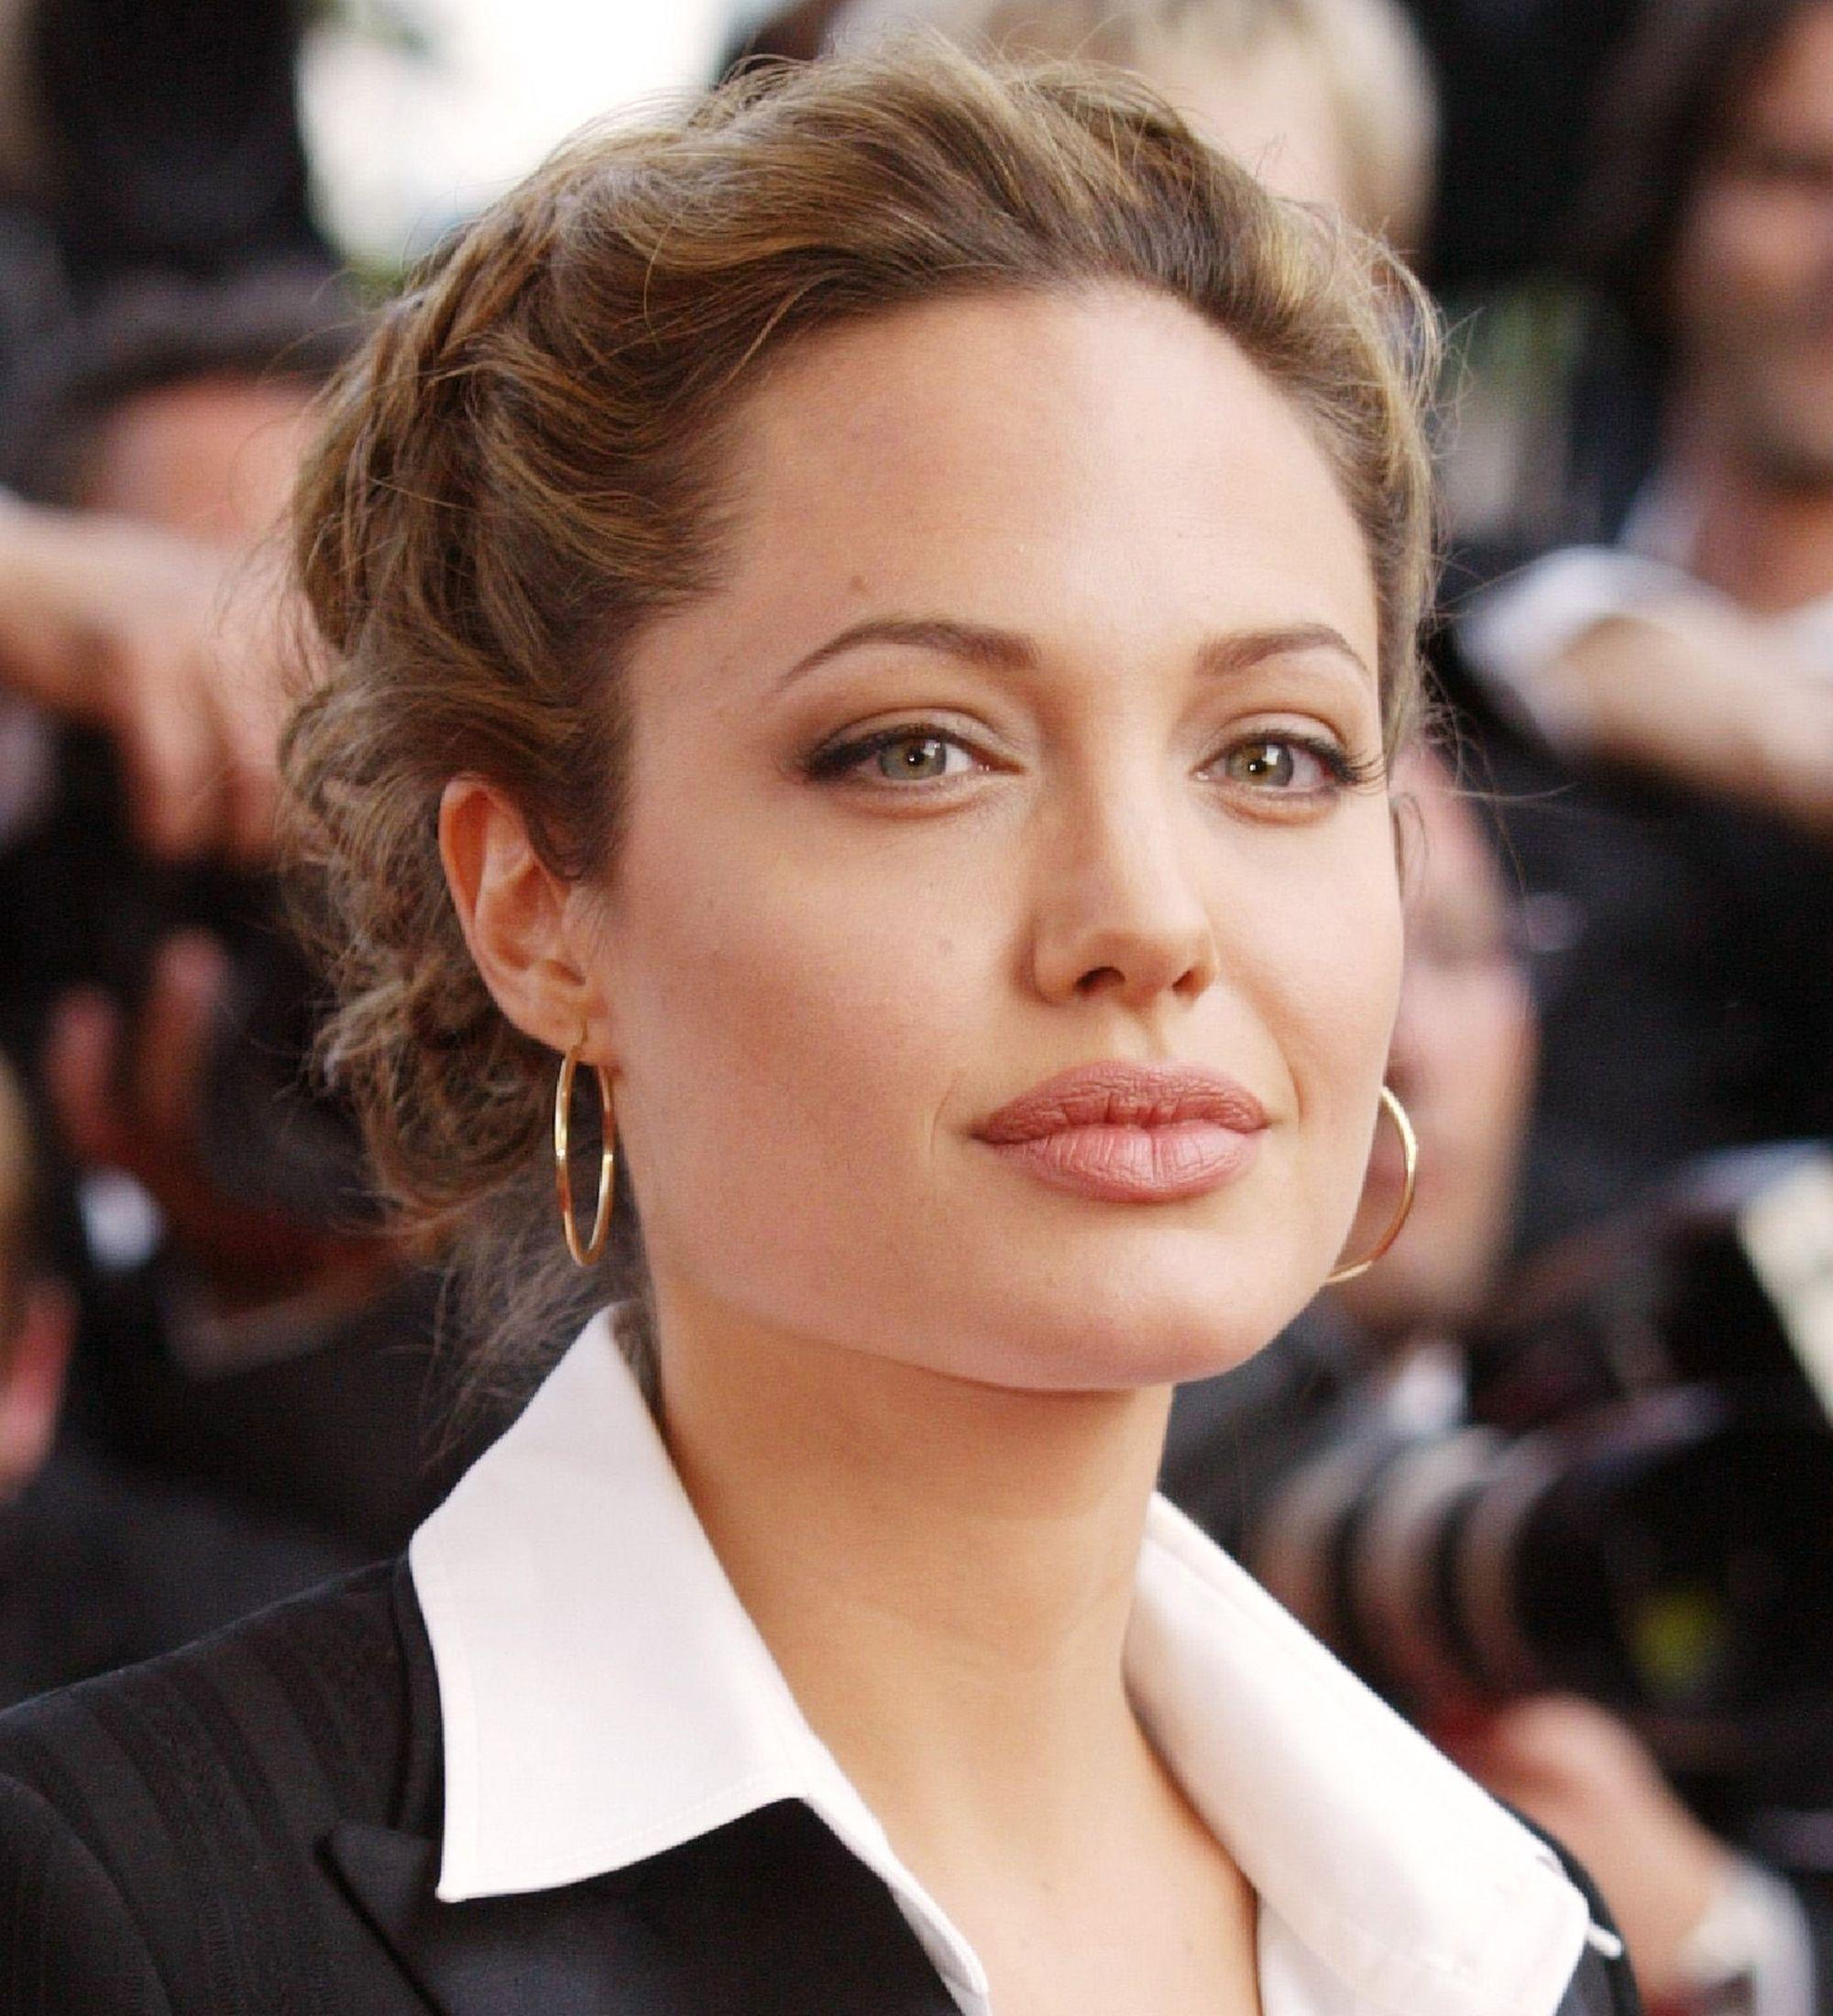 美国人票选史上最美的女明星TOP10,和你的审美一致吗 安吉丽娜 朱莉 图片